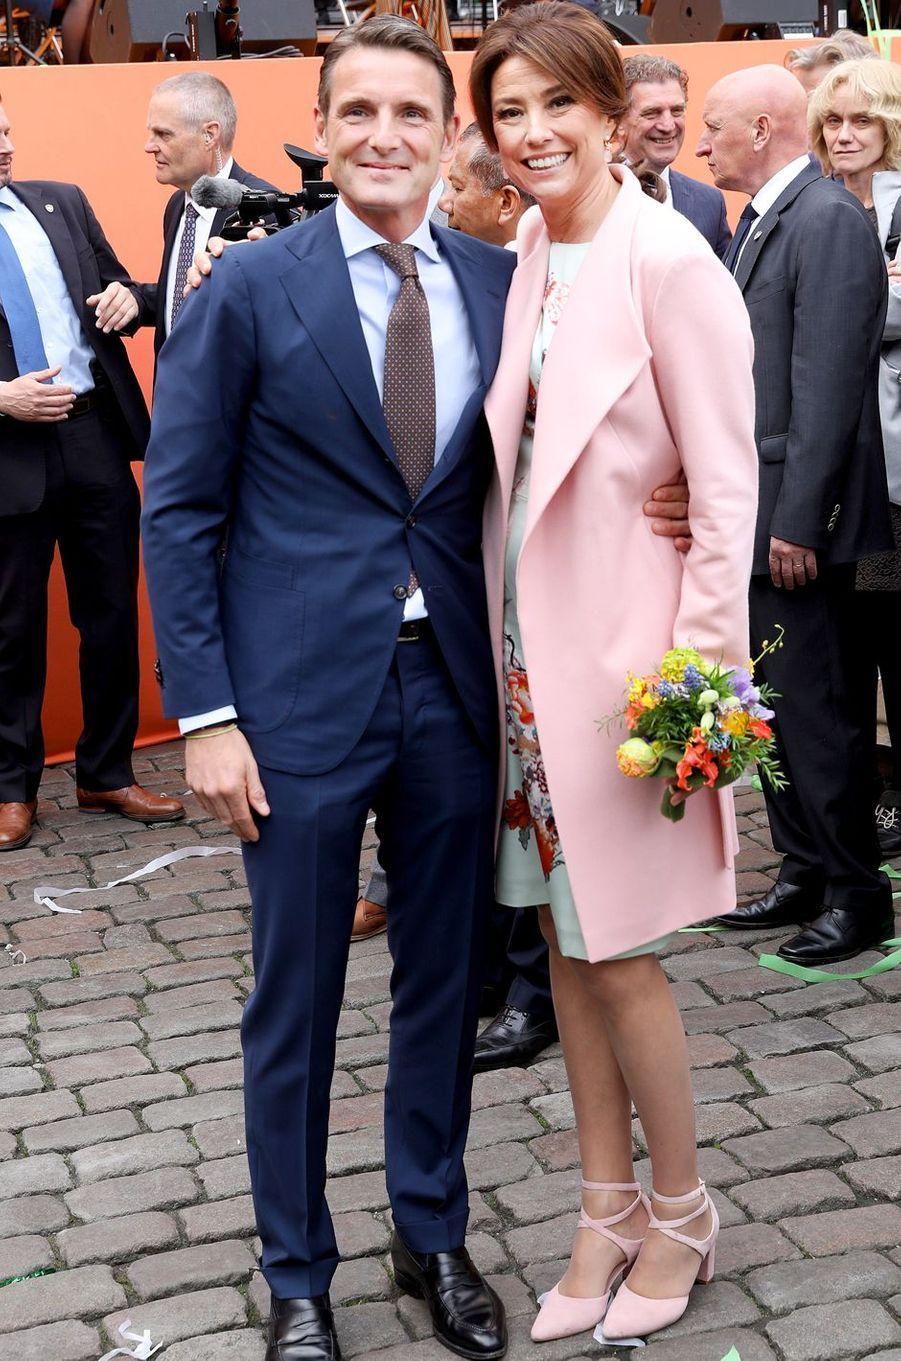 La princesse Marilene et le prince Floris des Pays-Bas, à Groningen le 27 avril 2018